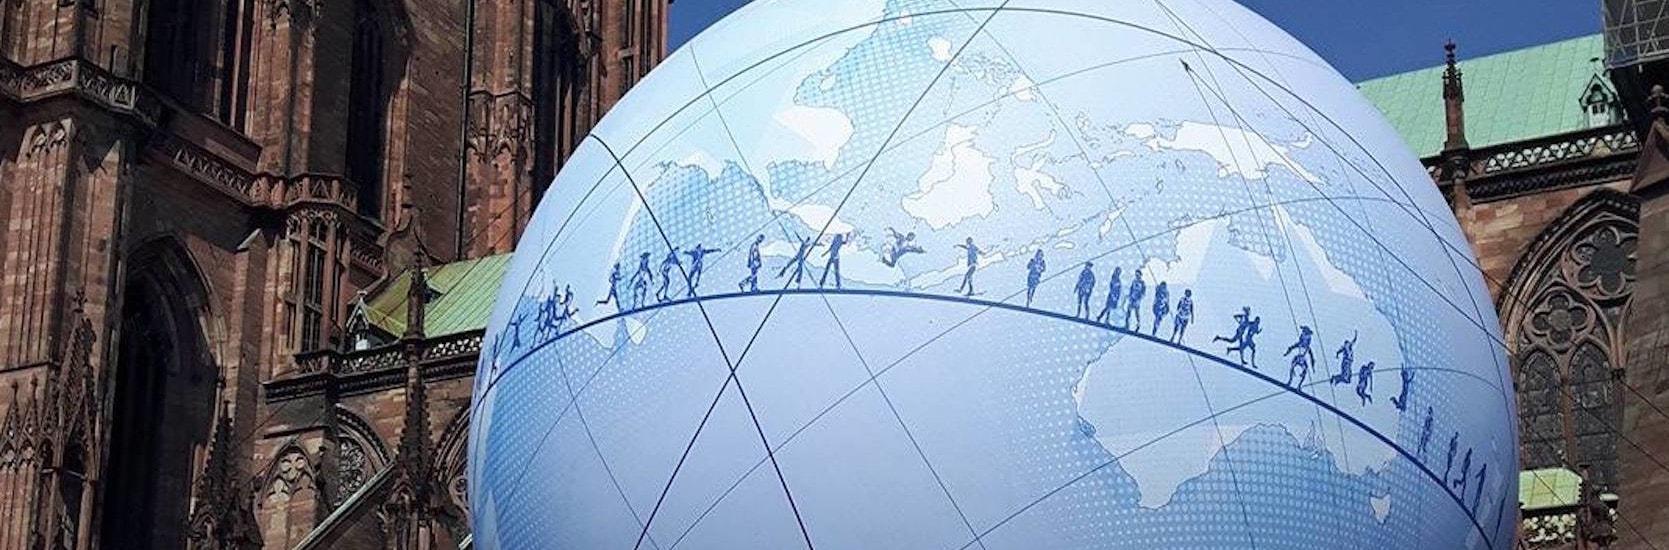 La grosse boule place du Château, c'est pour l'Exposition universelle 2025